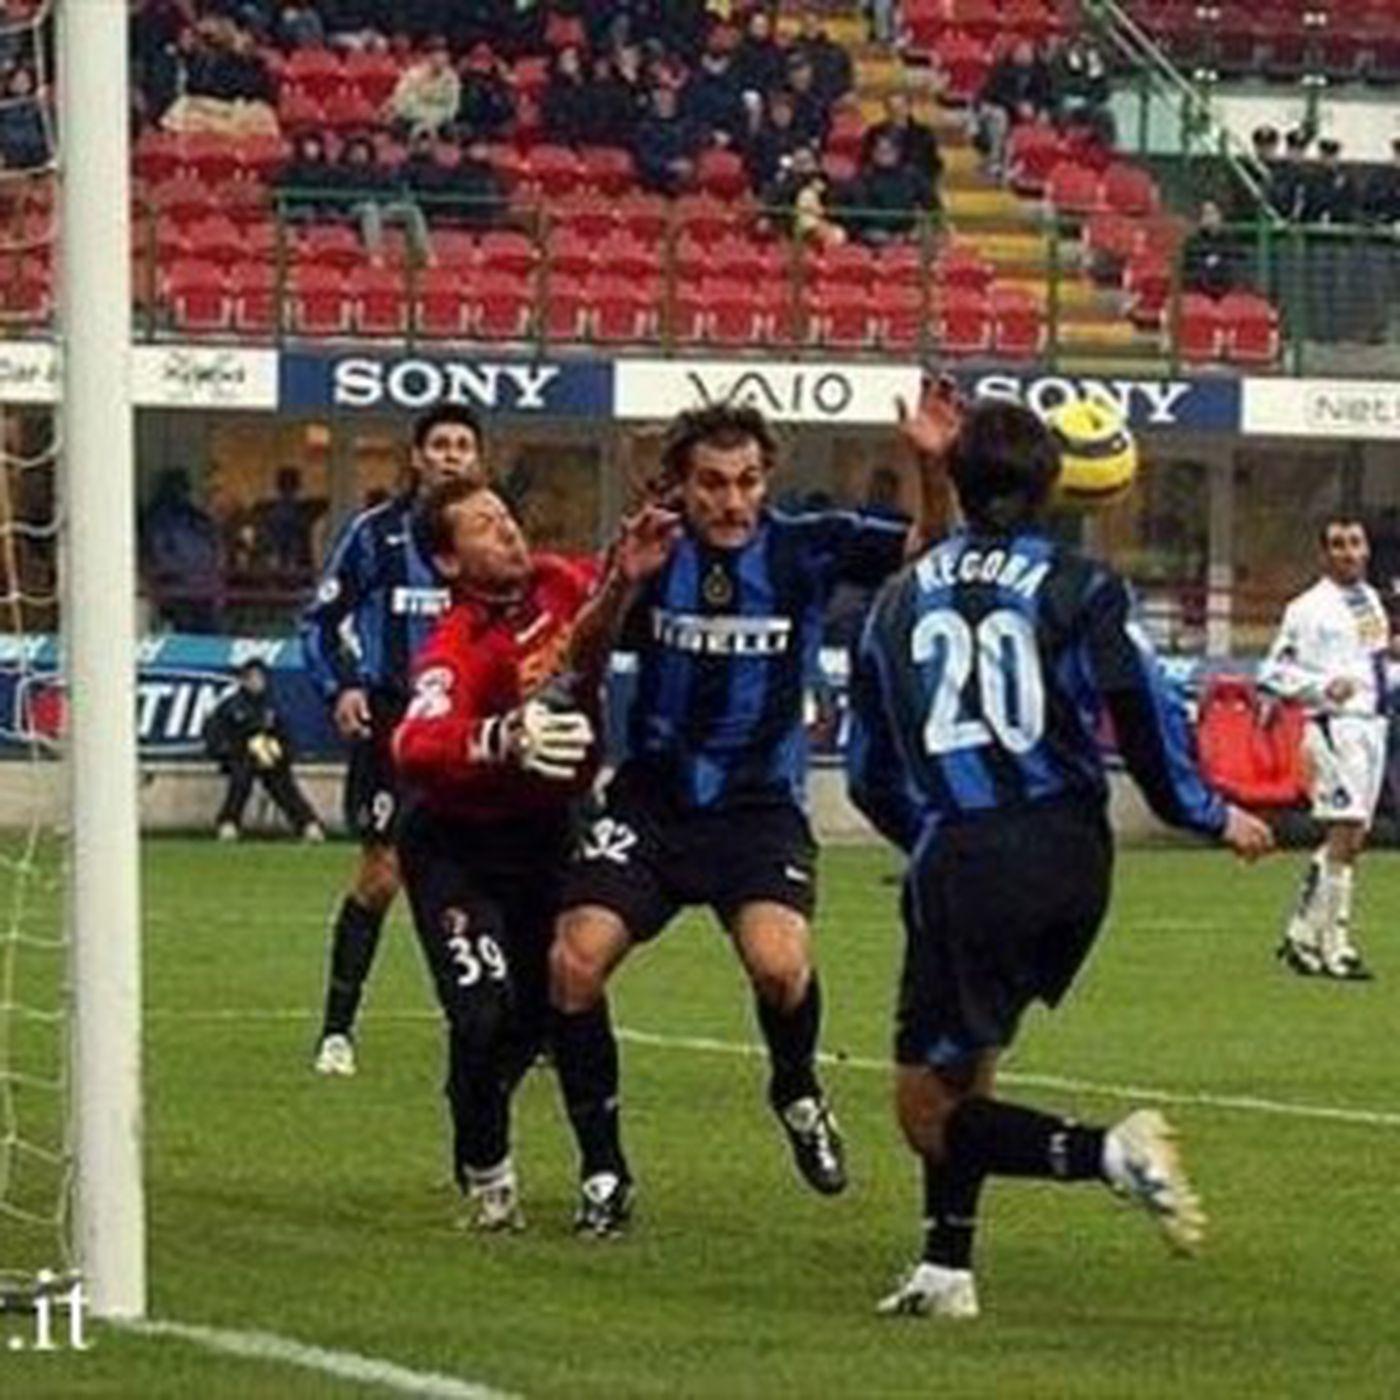 Inter v Bologna: Coppa Italia Quarter Finals - Serpents of Madonnina